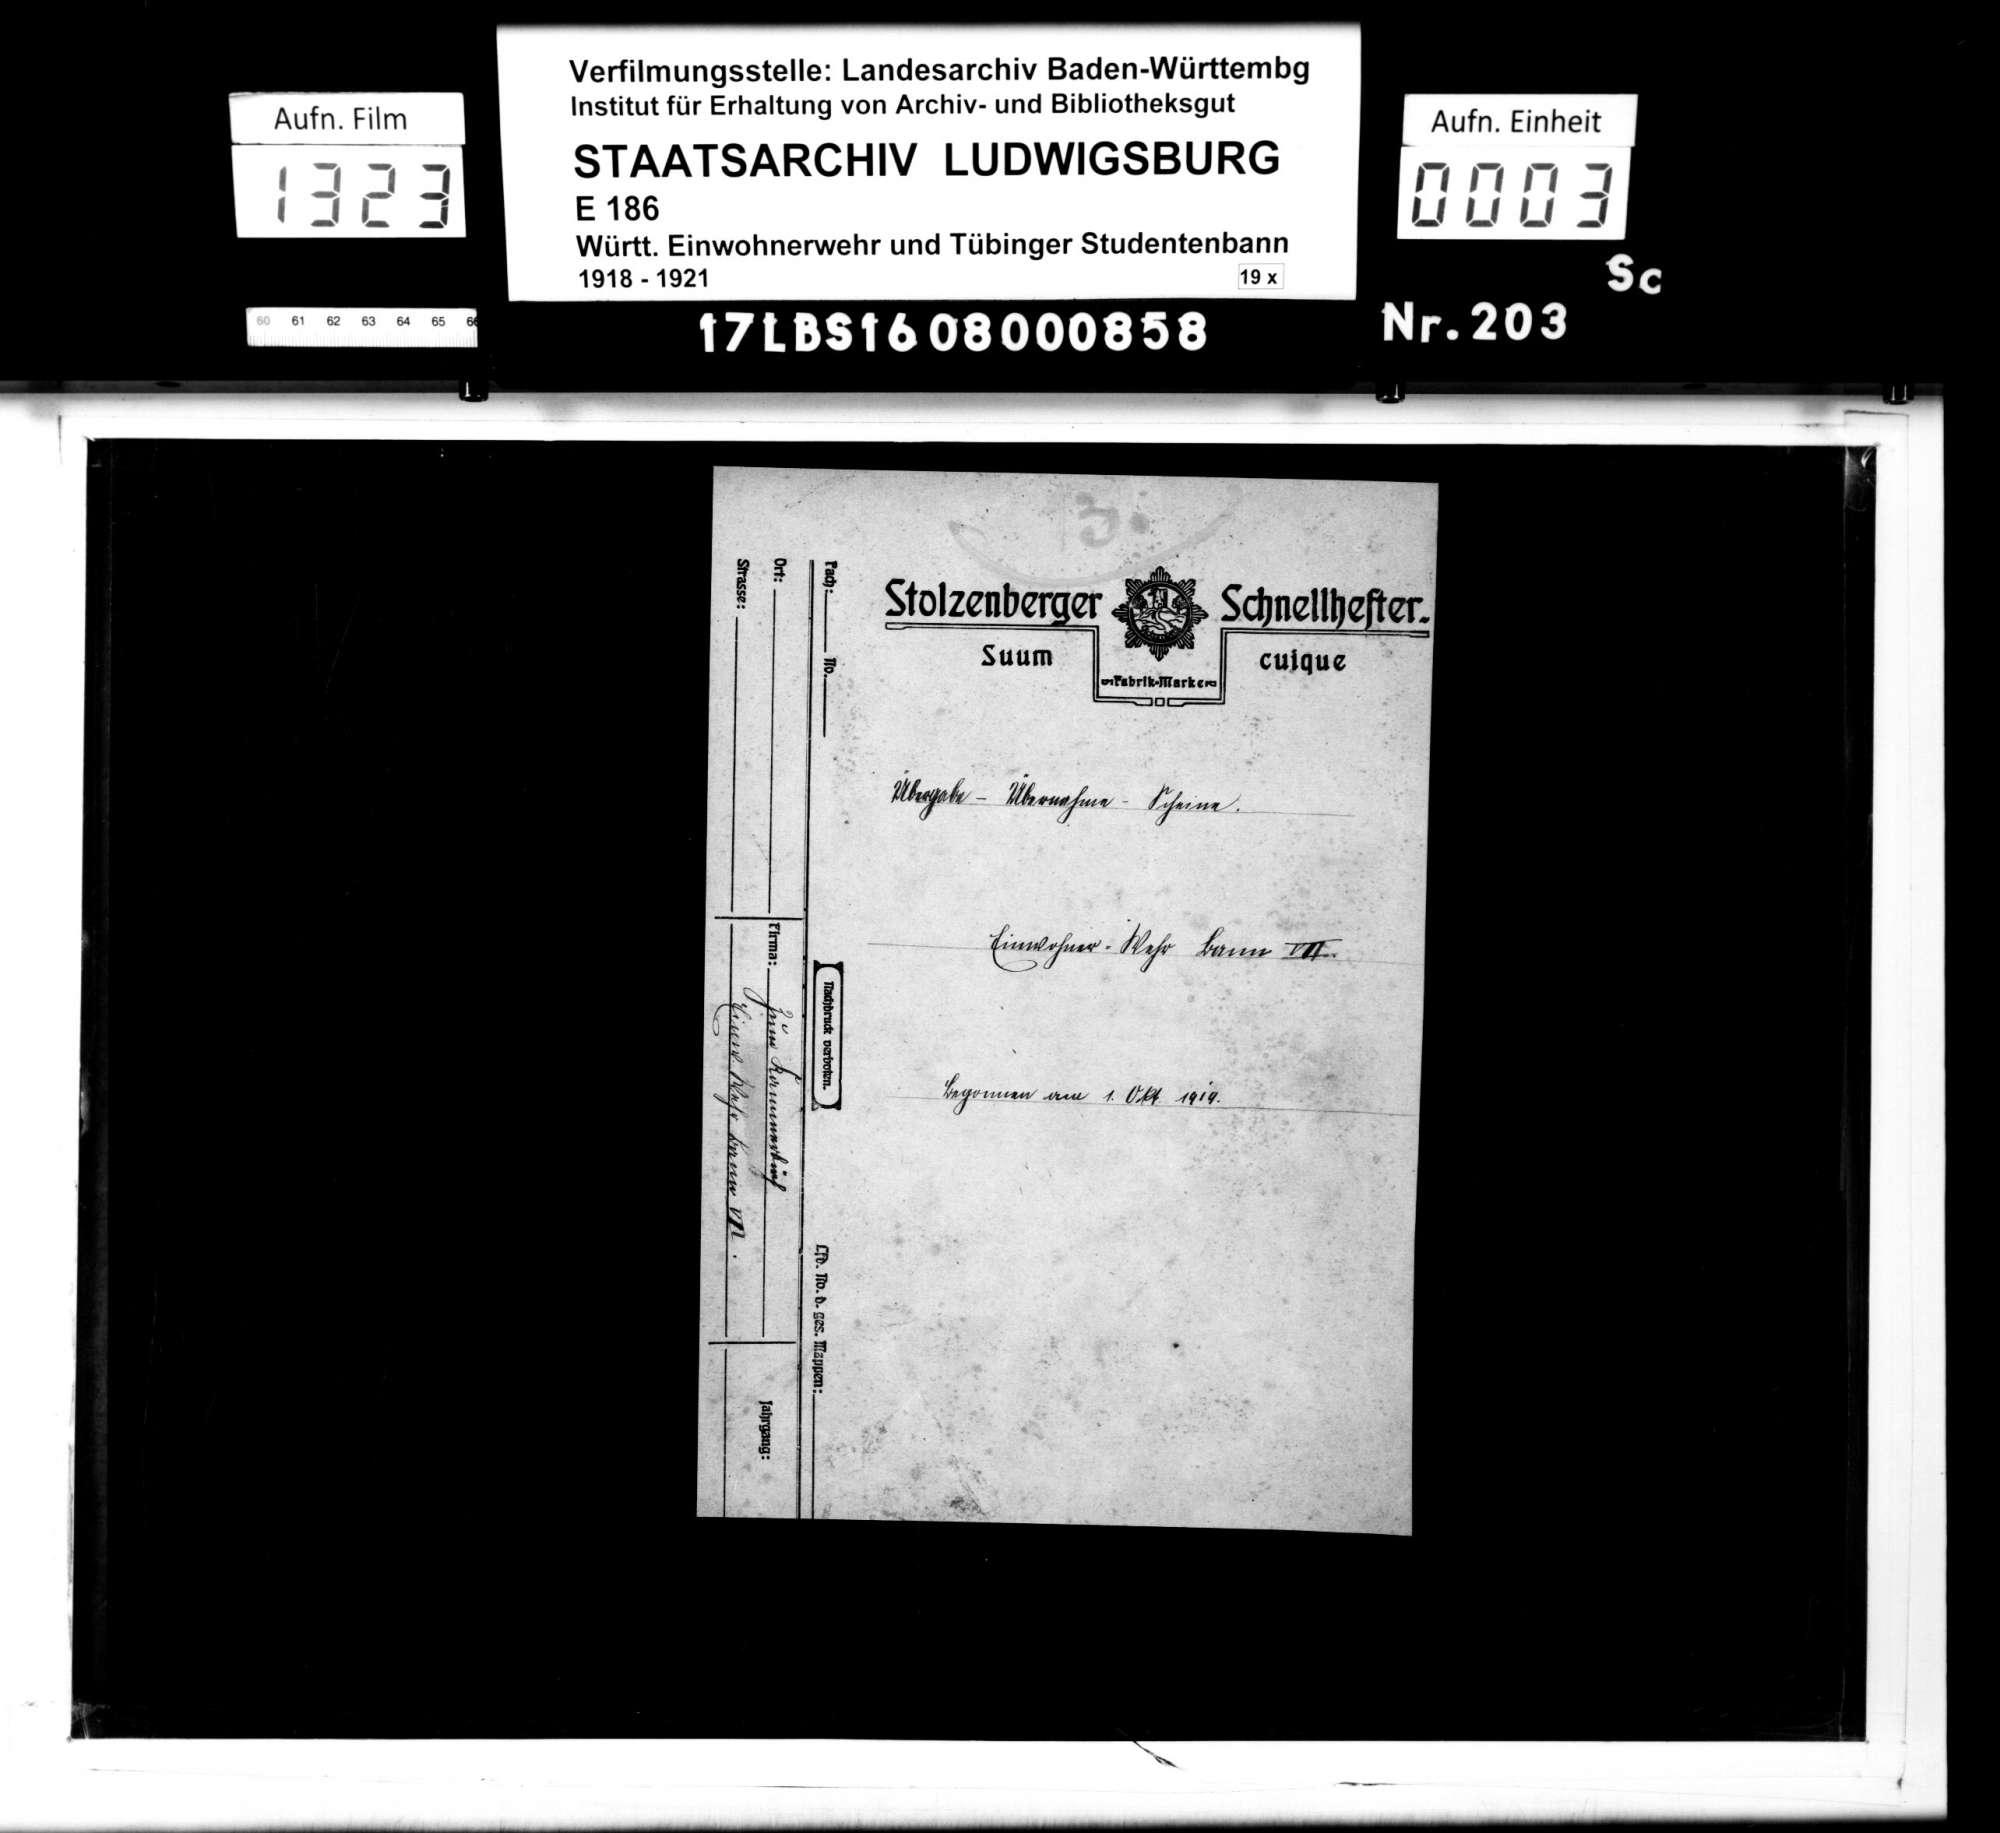 Einnahme- und Ausgabescheine für Material, Bild 1